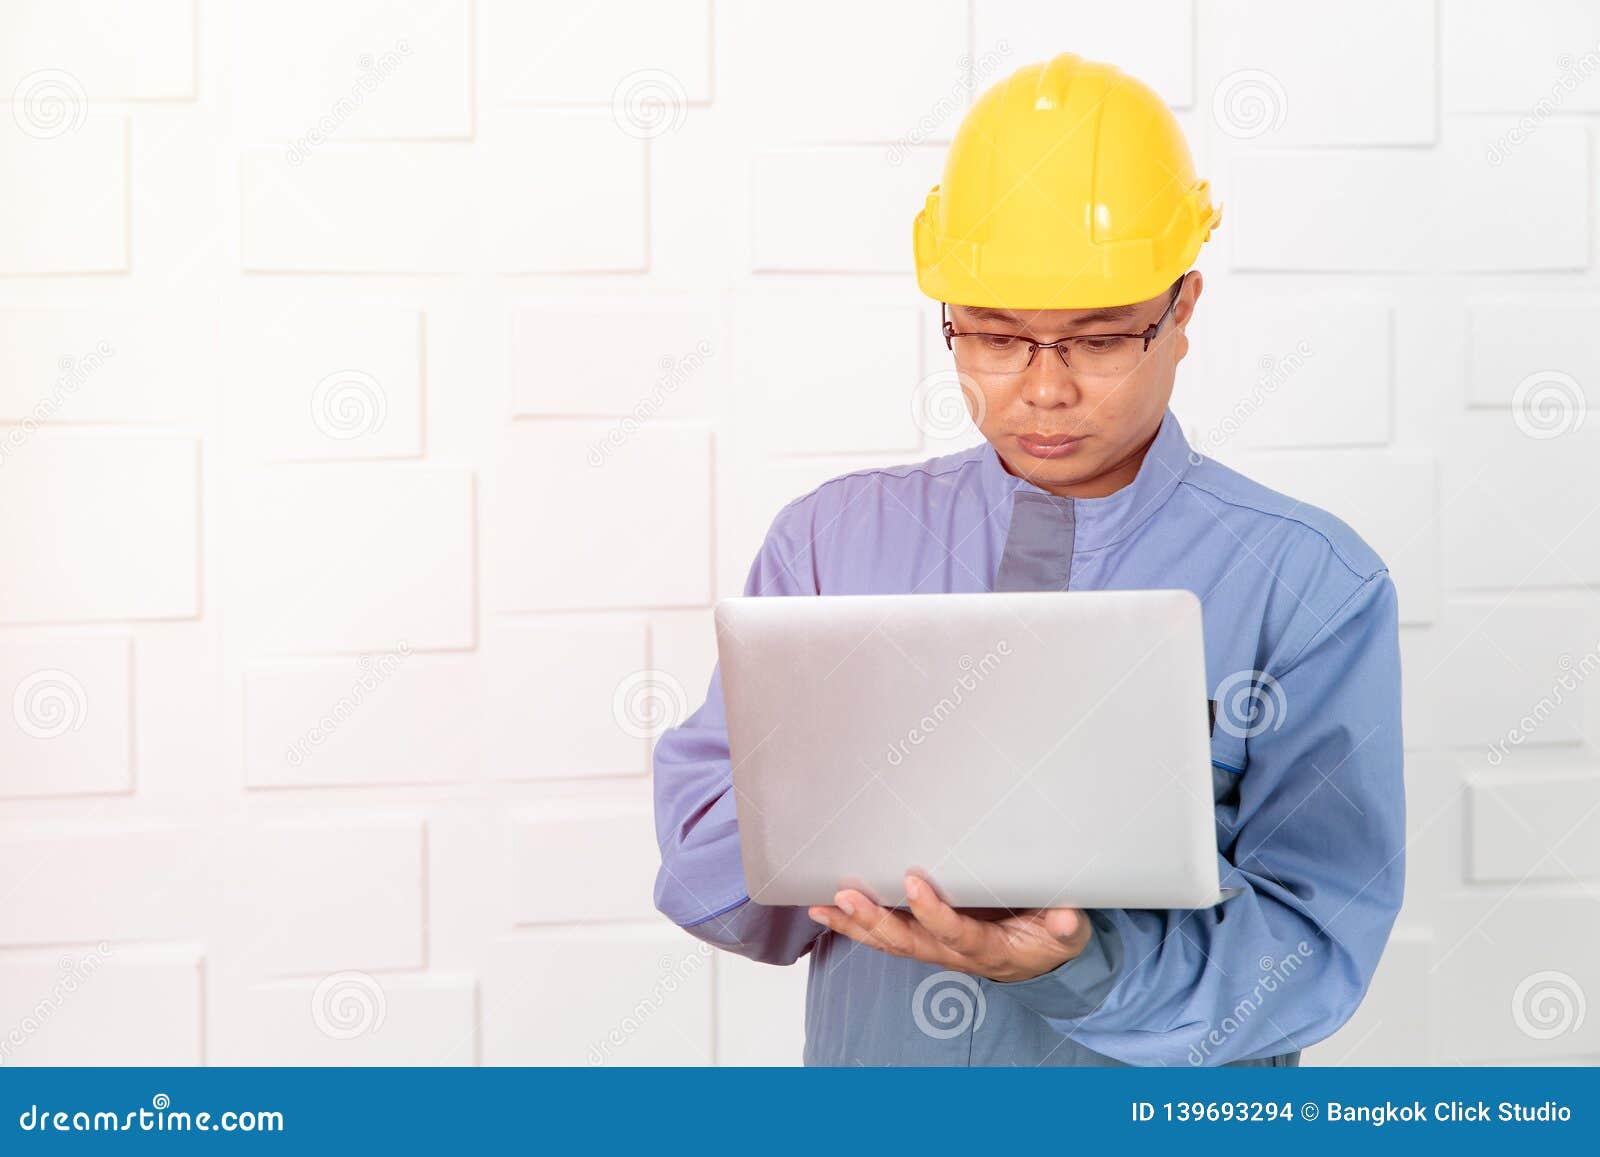 Asian man working